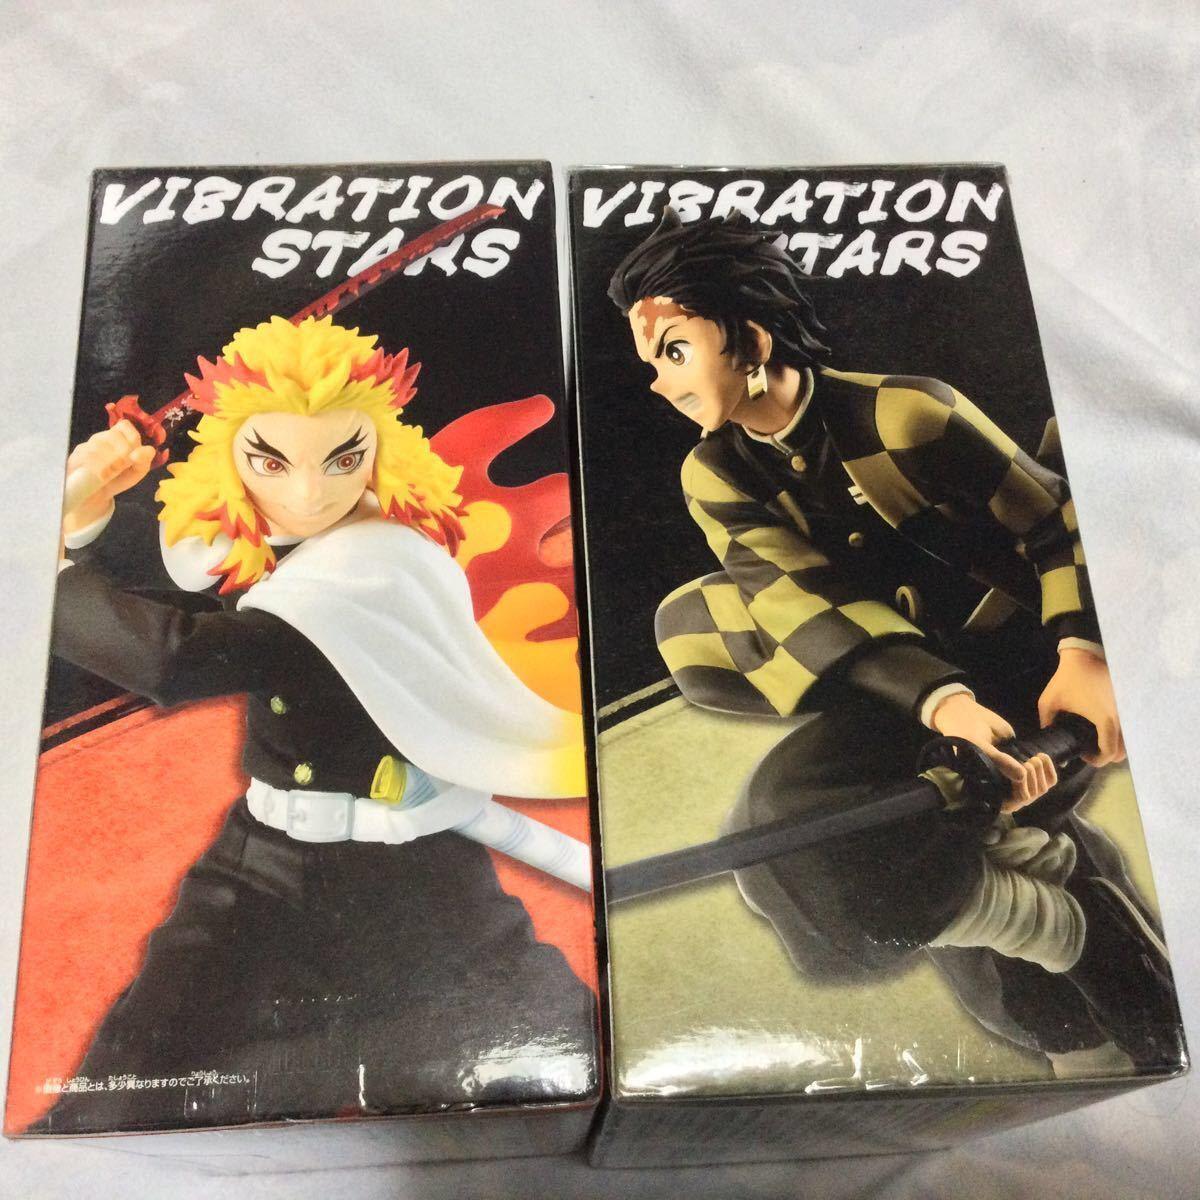 鬼滅の刃 VIBRATION STARS フィギュア煉獄杏寿郎 竈門炭治郎 セピアカラー 2体セット